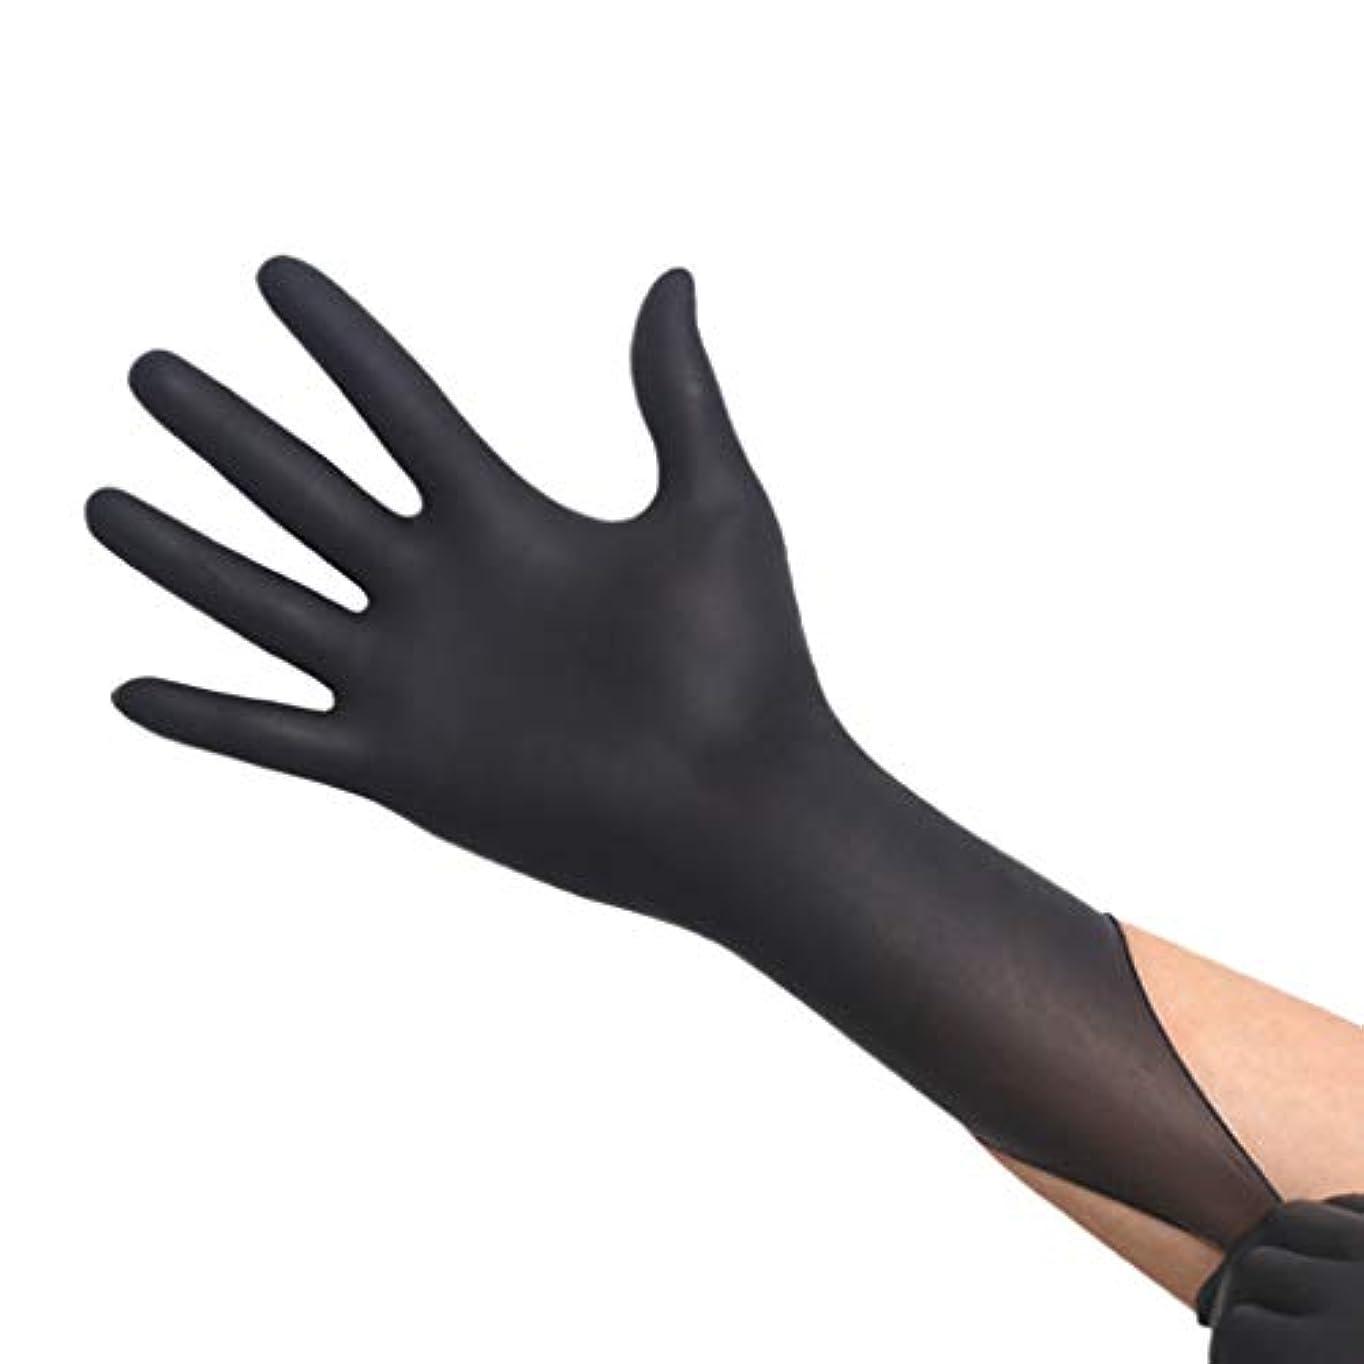 地下鉄周辺あからさま厚手の耐摩耗性使い捨てブラックニトリル手袋 - 耐酸性美容サロン手袋、50ペア/箱 YANW (色 : ブラック, サイズ さいず : M m)